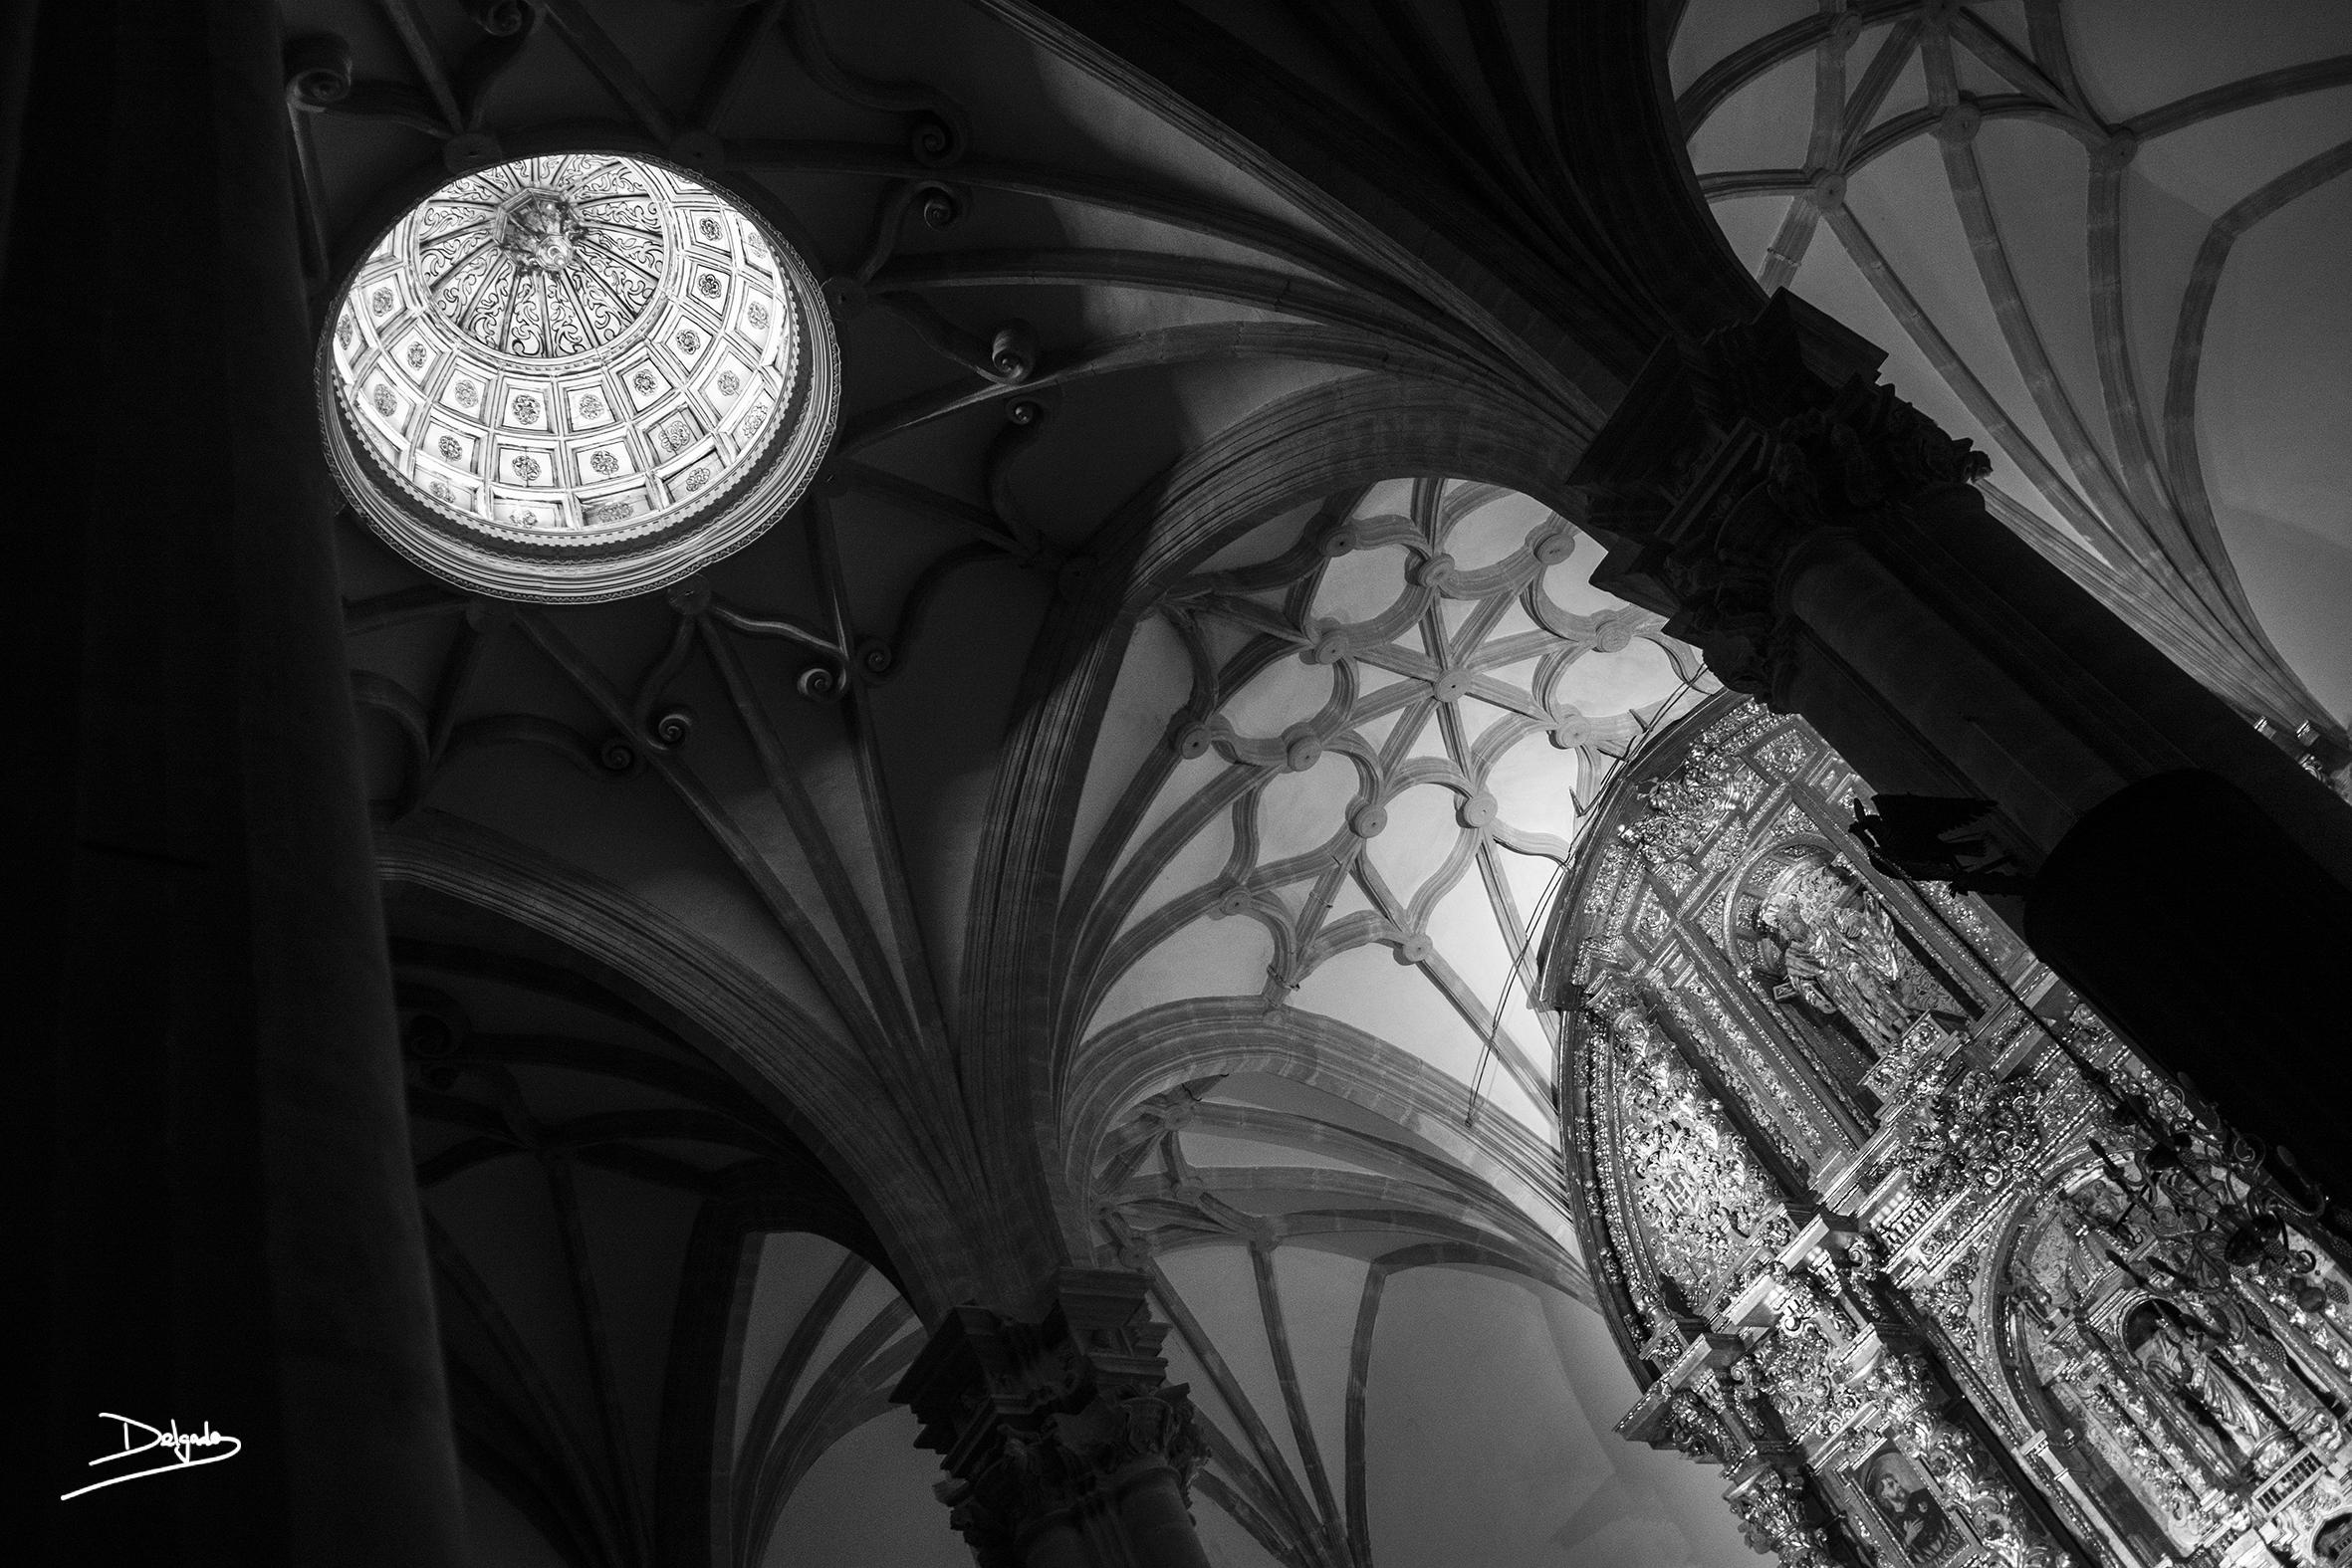 Foto del día: Renacimiento en blanco y negro